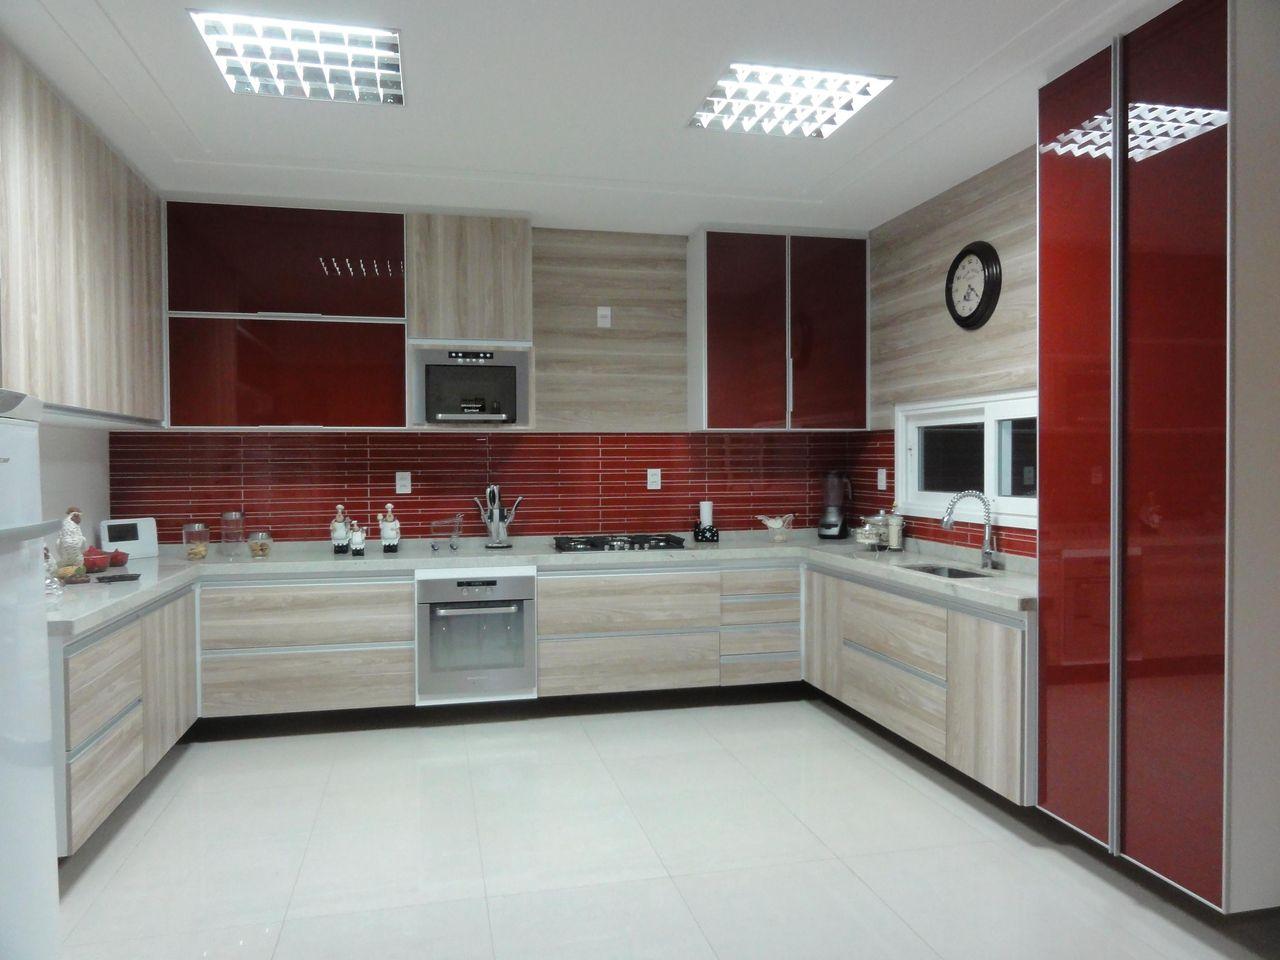 Cozinha Planejada Vermelha E Branca Imagem U A Cozinha Vermelha